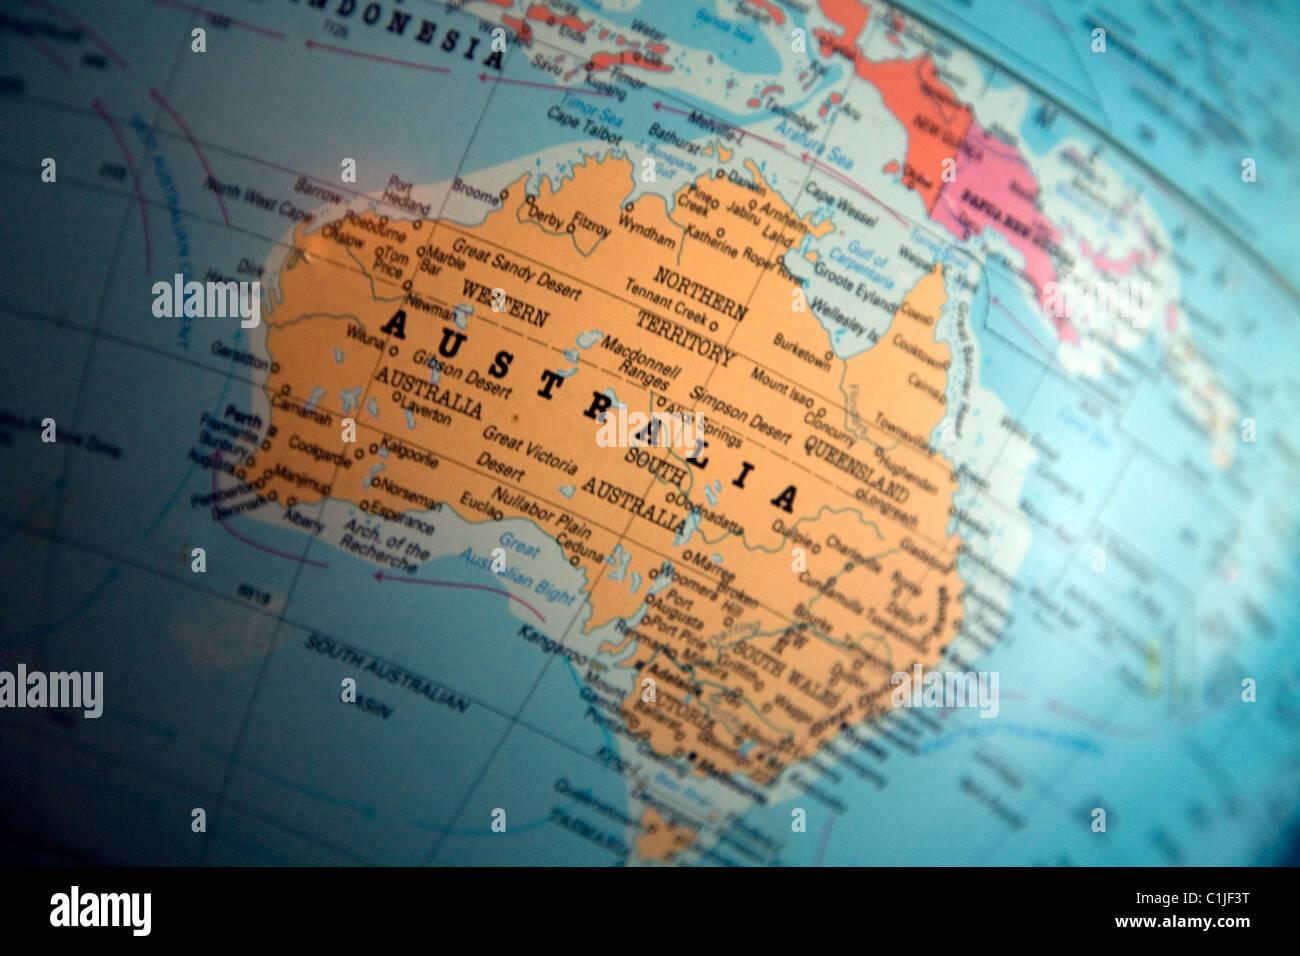 L'Australasie Australie globe map Banque D'Images